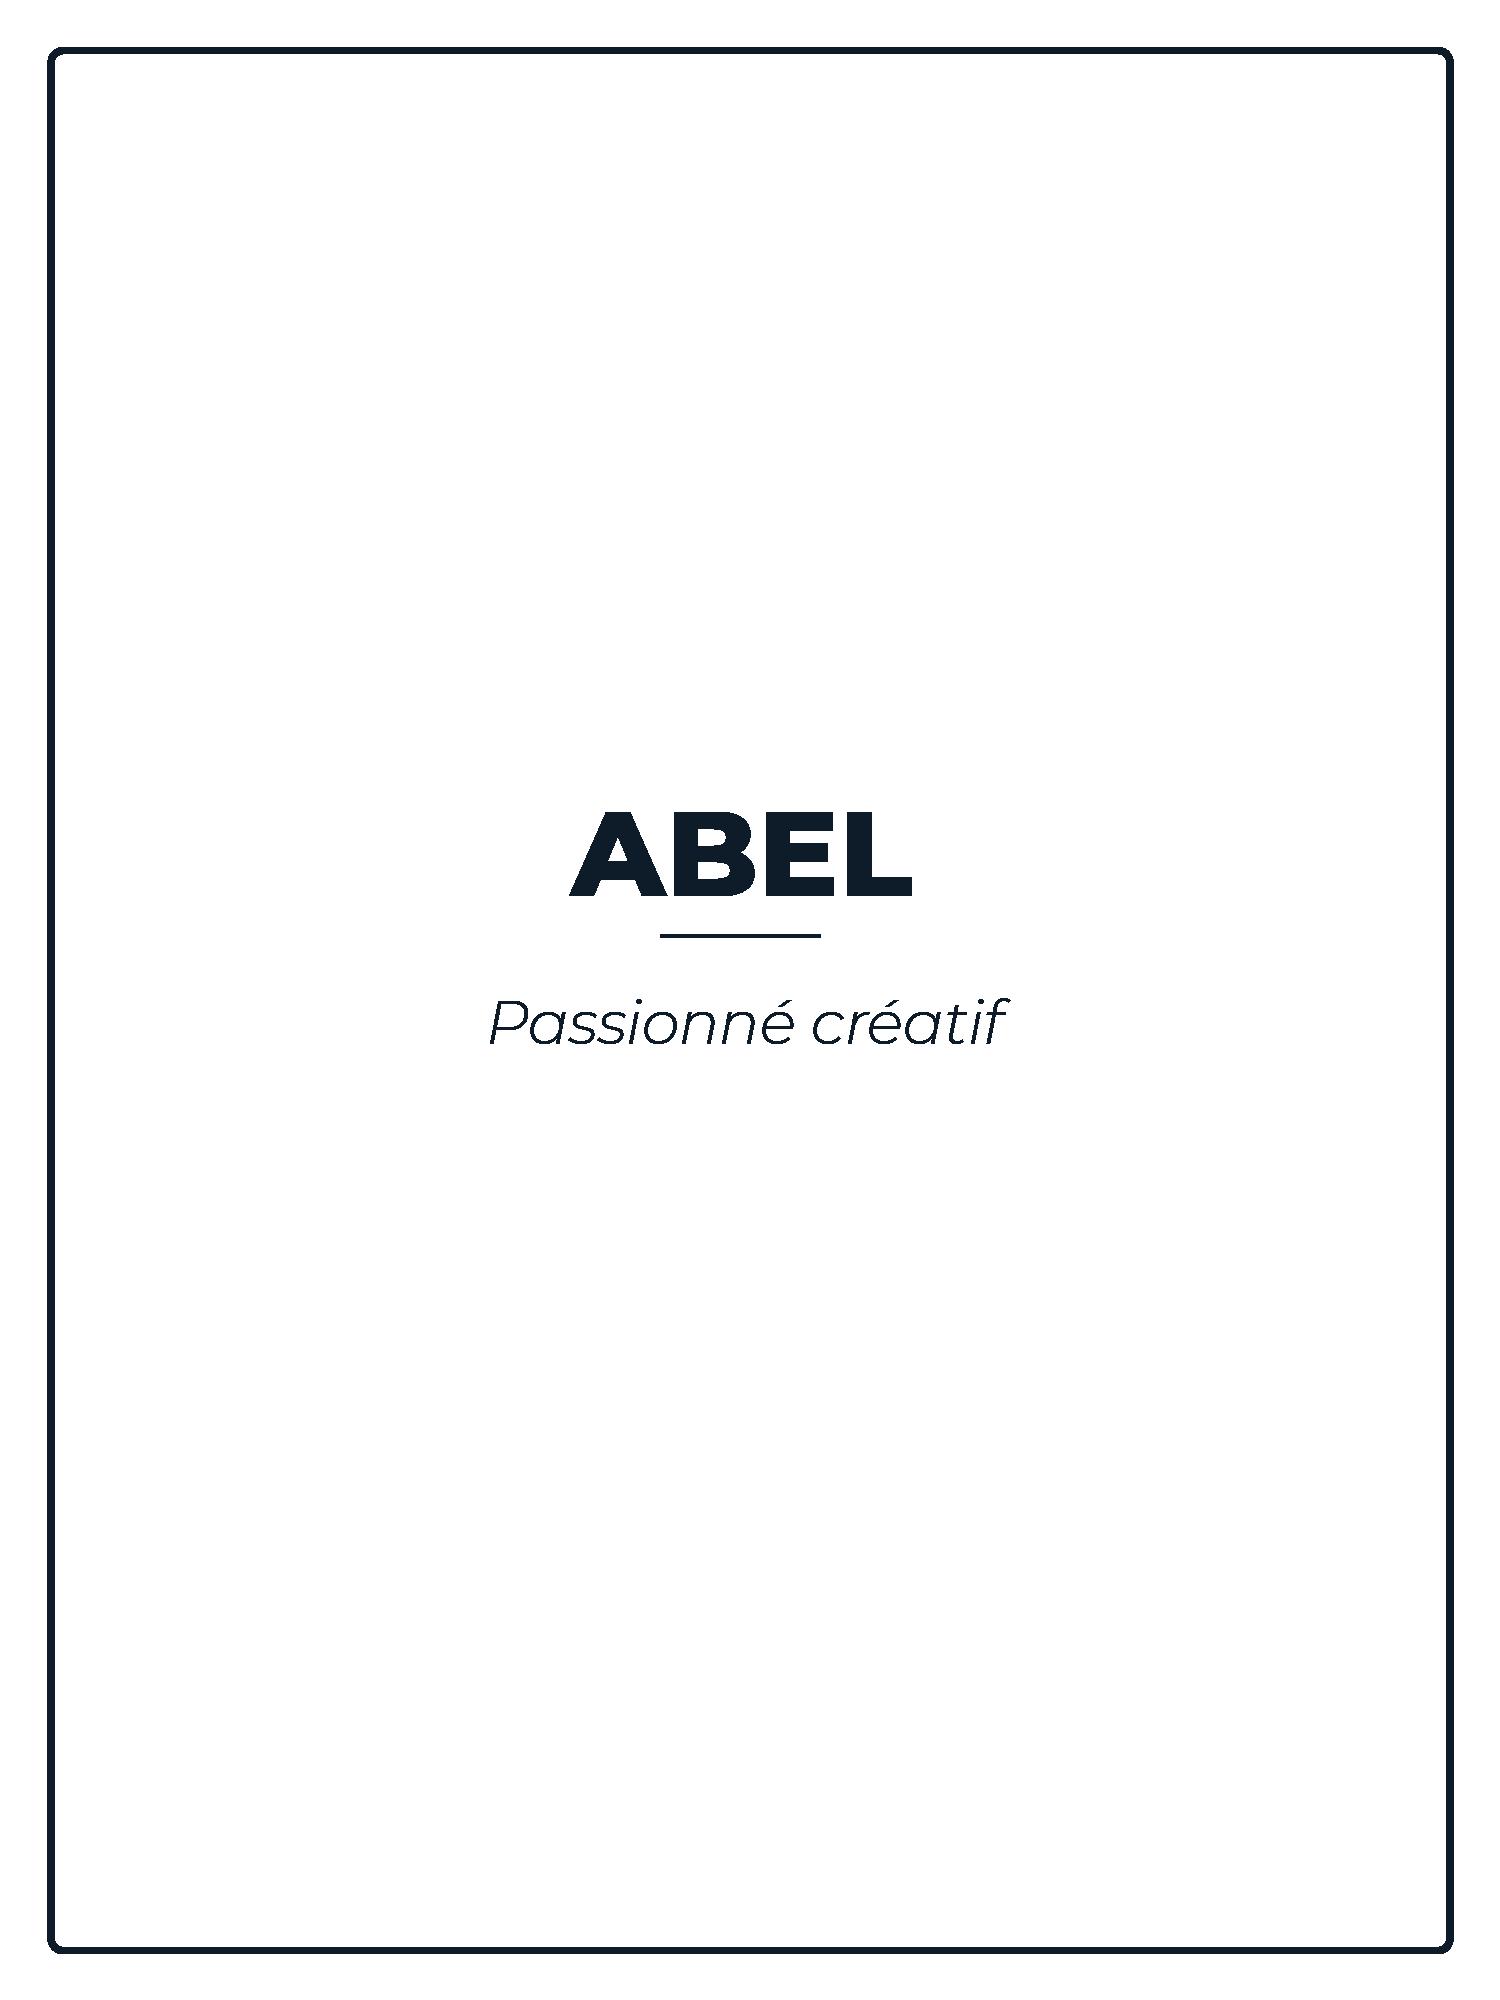 ABEL-PARFUM